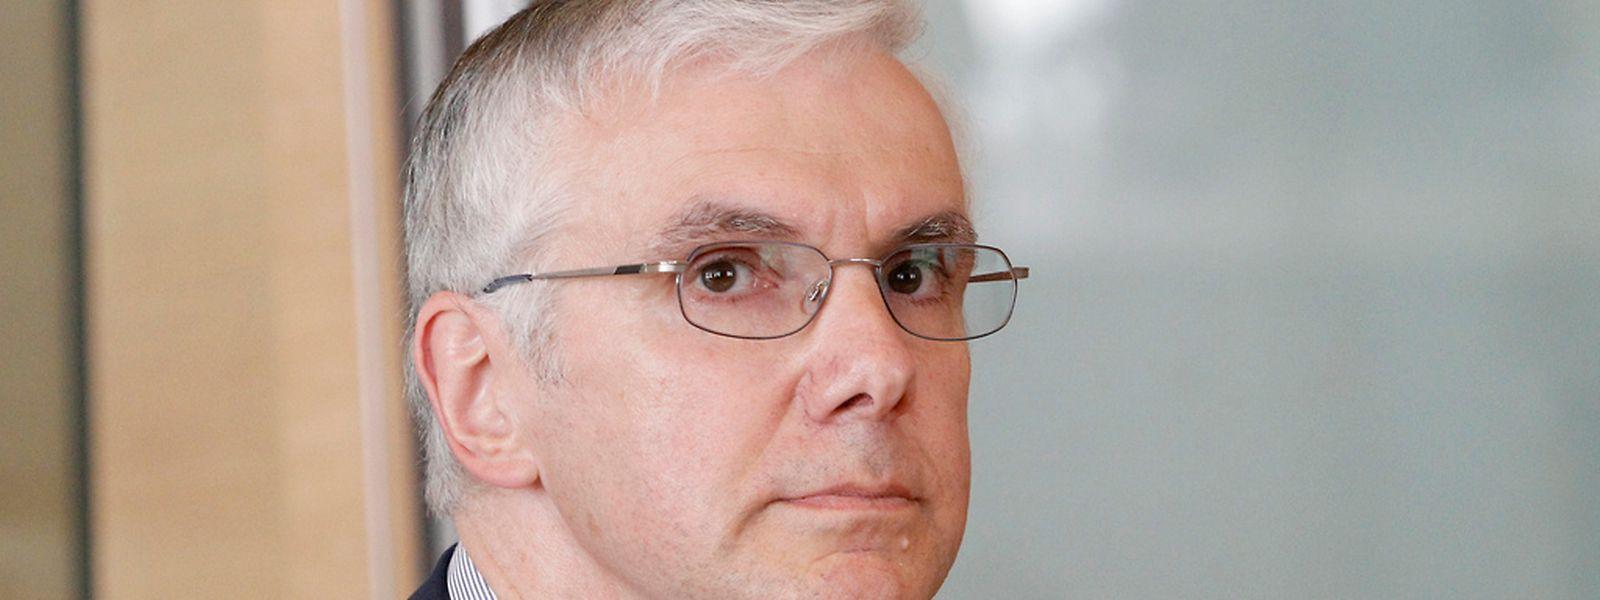 Robert Rollinger hatte bereits vor der Geheimdienst-Untersuchungskommission im Zusammenhang mit der Srel-Affäre ausgesagt